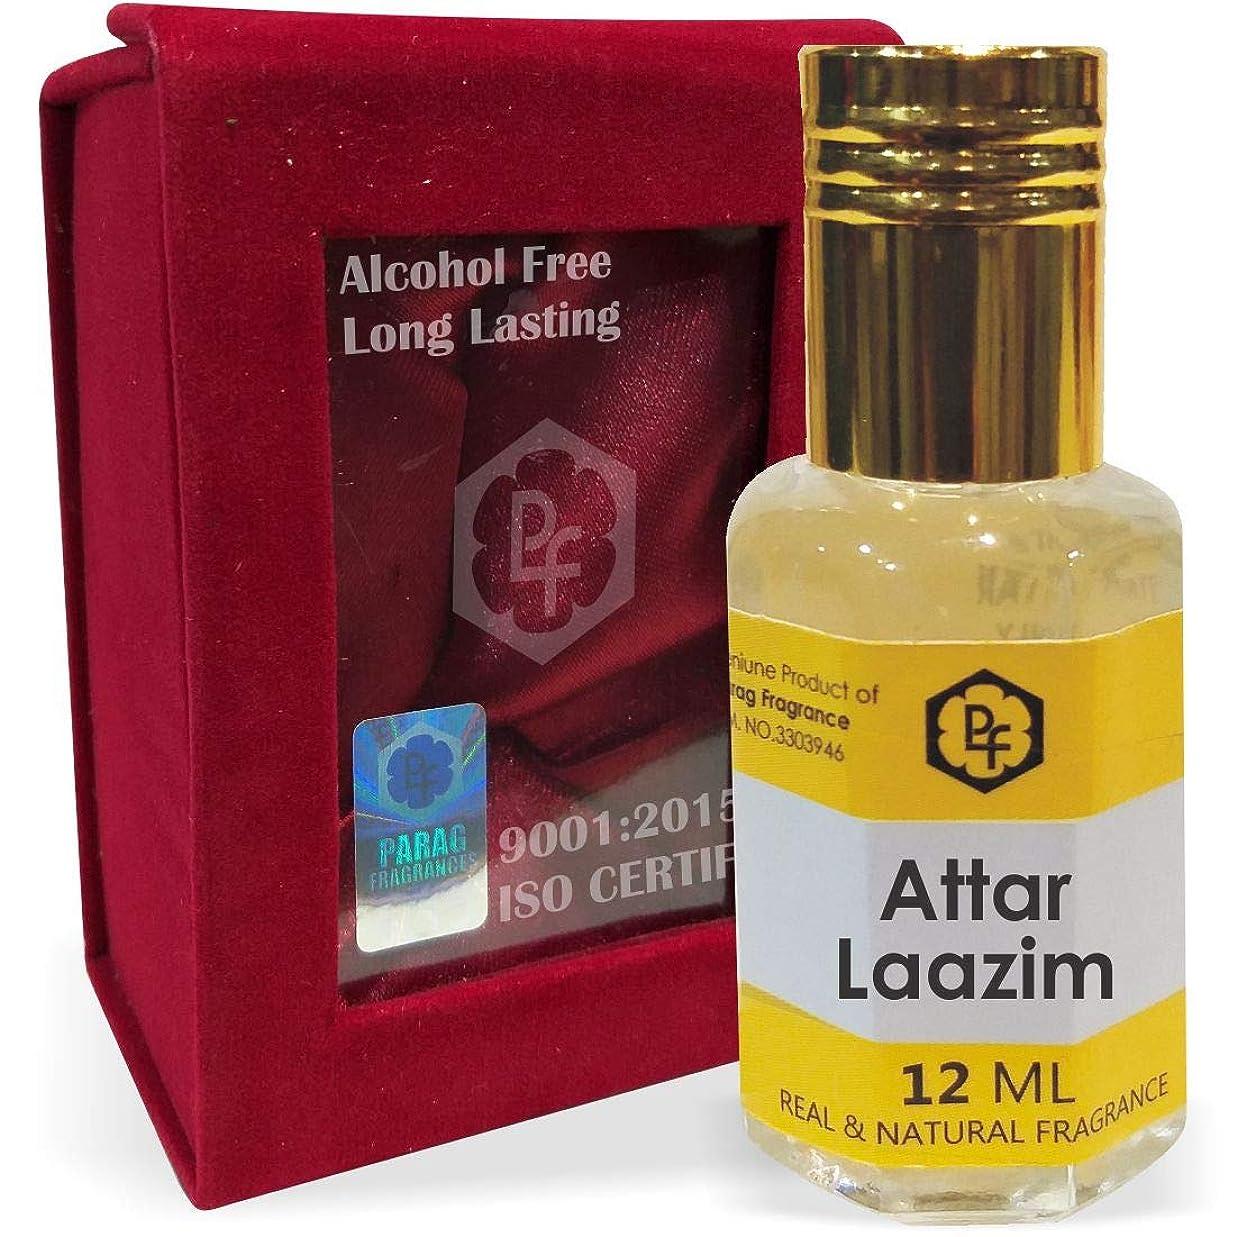 責める染料アラブParagフレグランス手作りベルベットボックスアターLaazim 12ミリリットルアター/香水(インドの伝統的なBhapka処理方法により、インド製)オイル/フレグランスオイル|長持ちアターITRA最高の品質